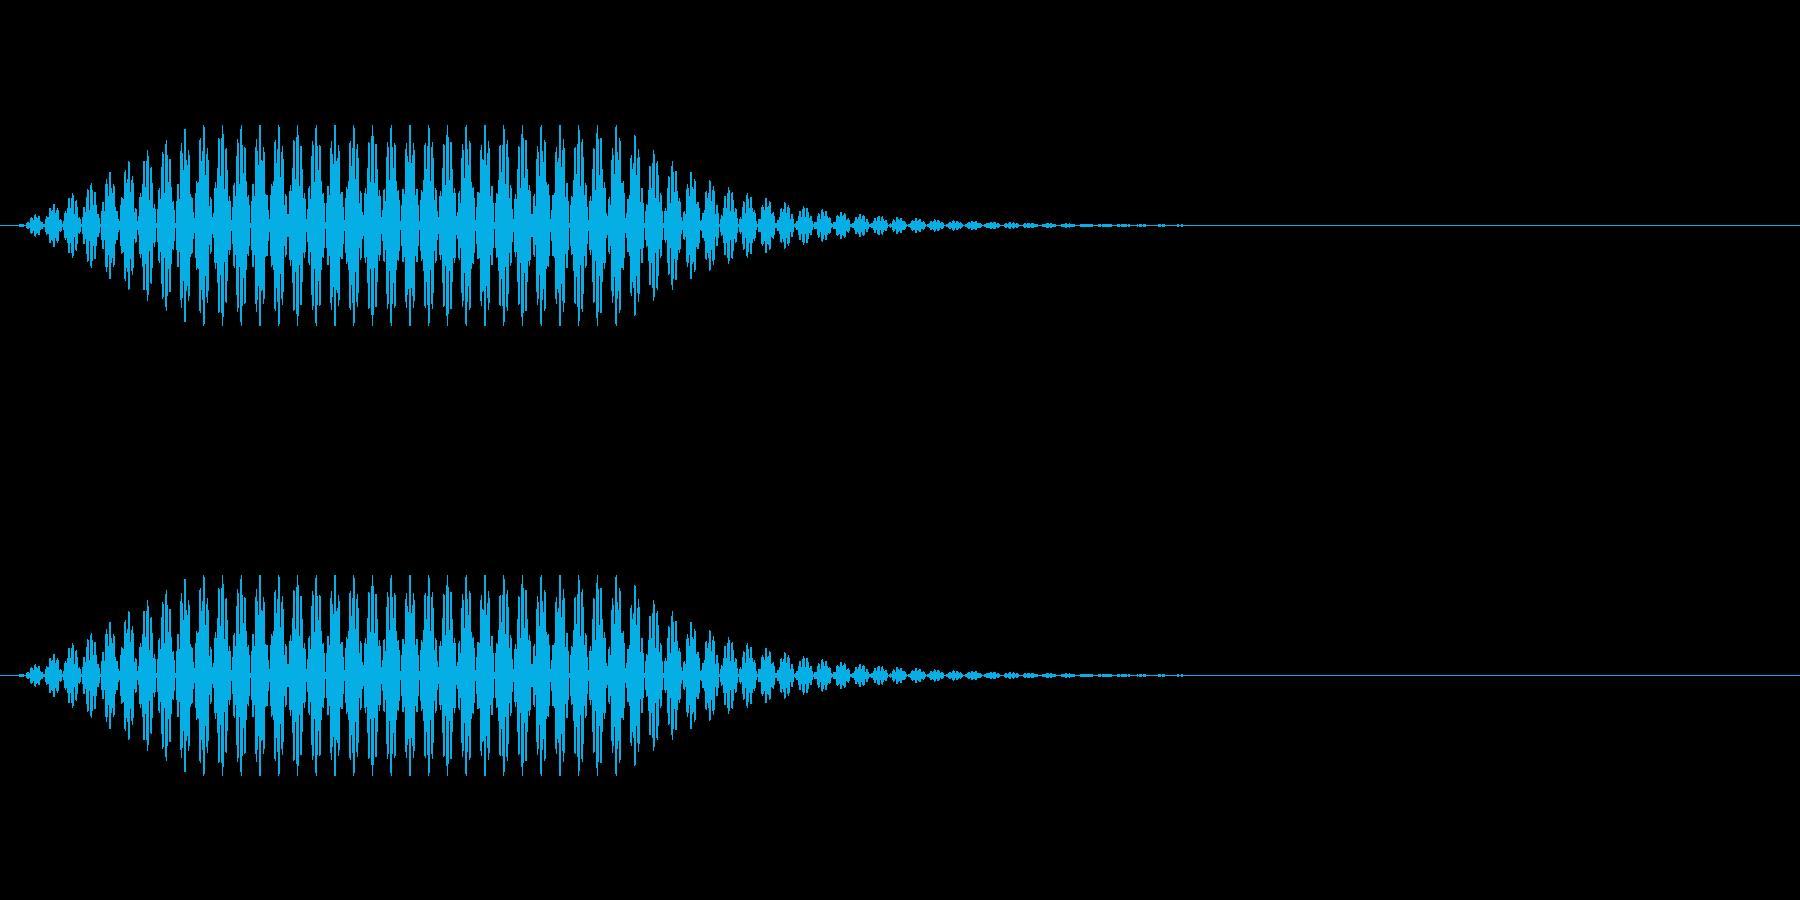 シンプルな決定音:ゲームやアプリなどにの再生済みの波形